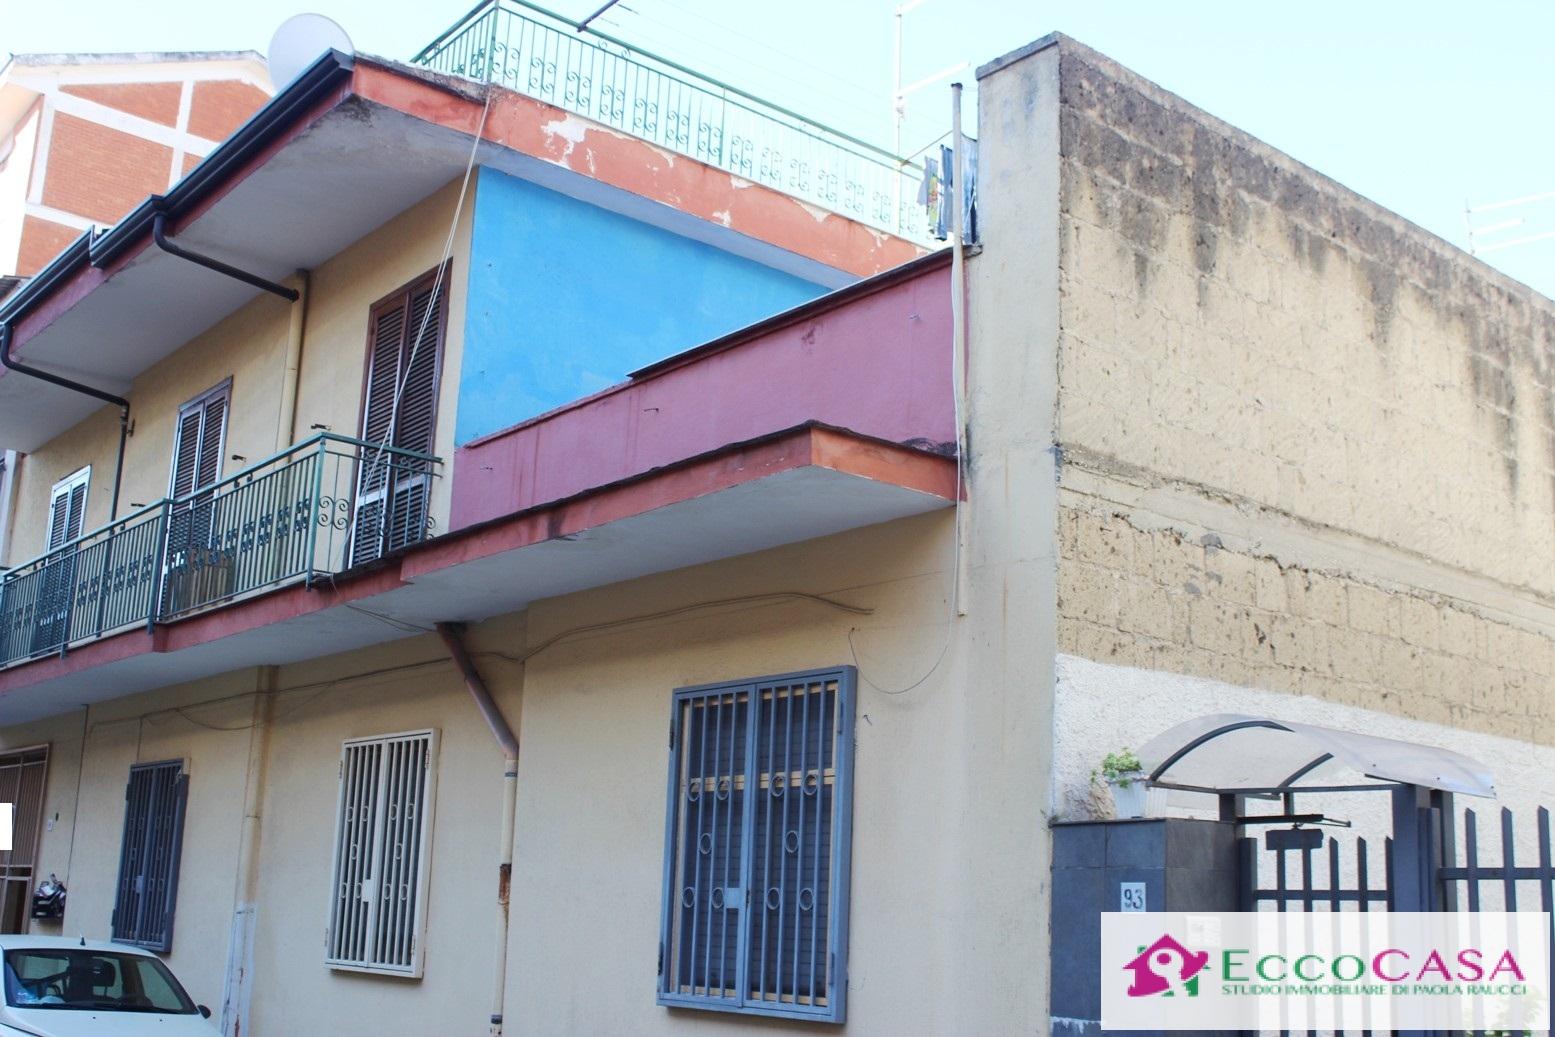 Appartamento in vendita a Maddaloni, 2 locali, prezzo € 50.000 | CambioCasa.it